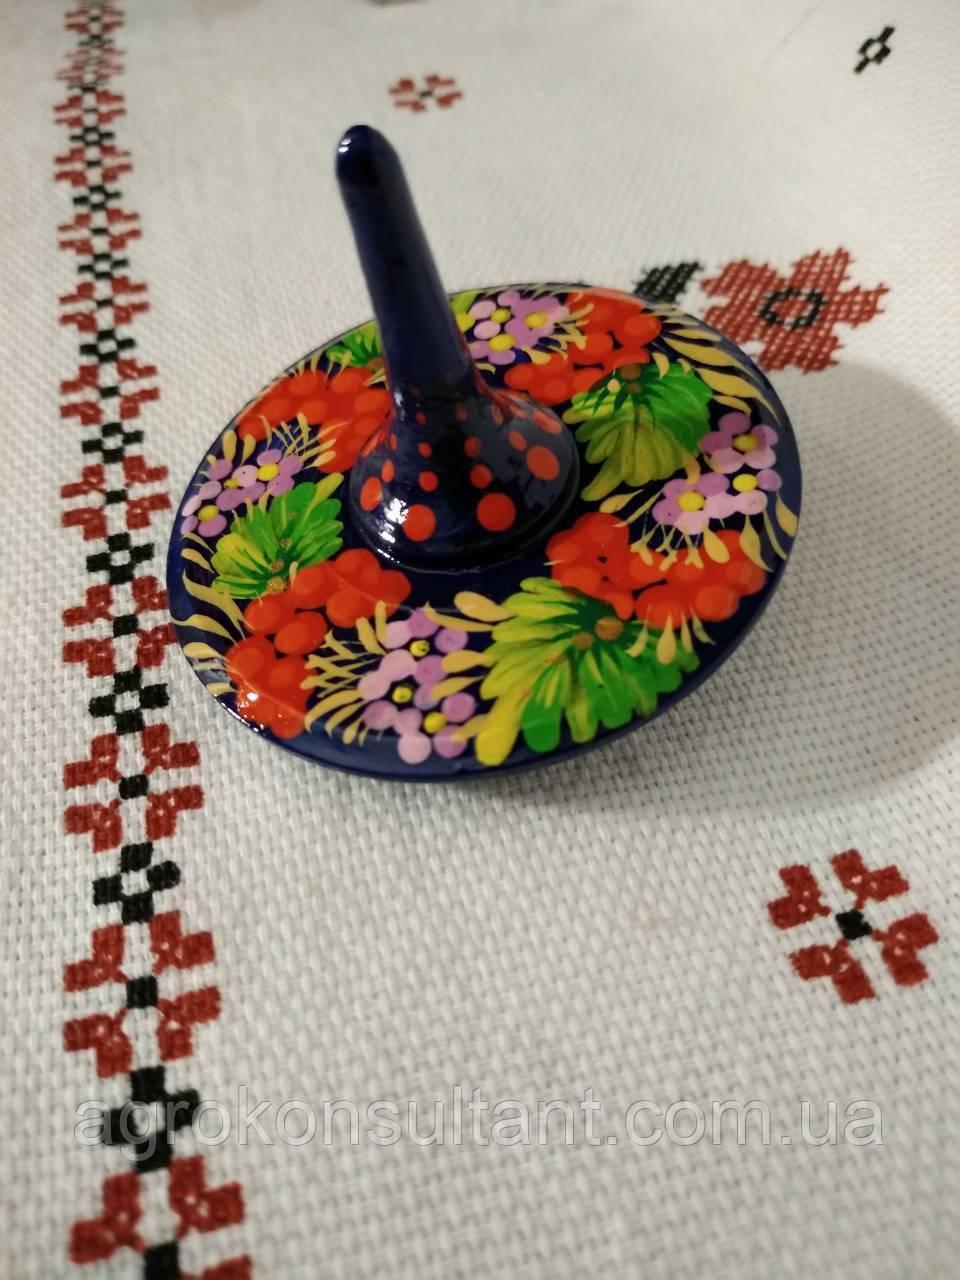 Украинский сувенир - Юла / Ukrainian souvenir - Yula